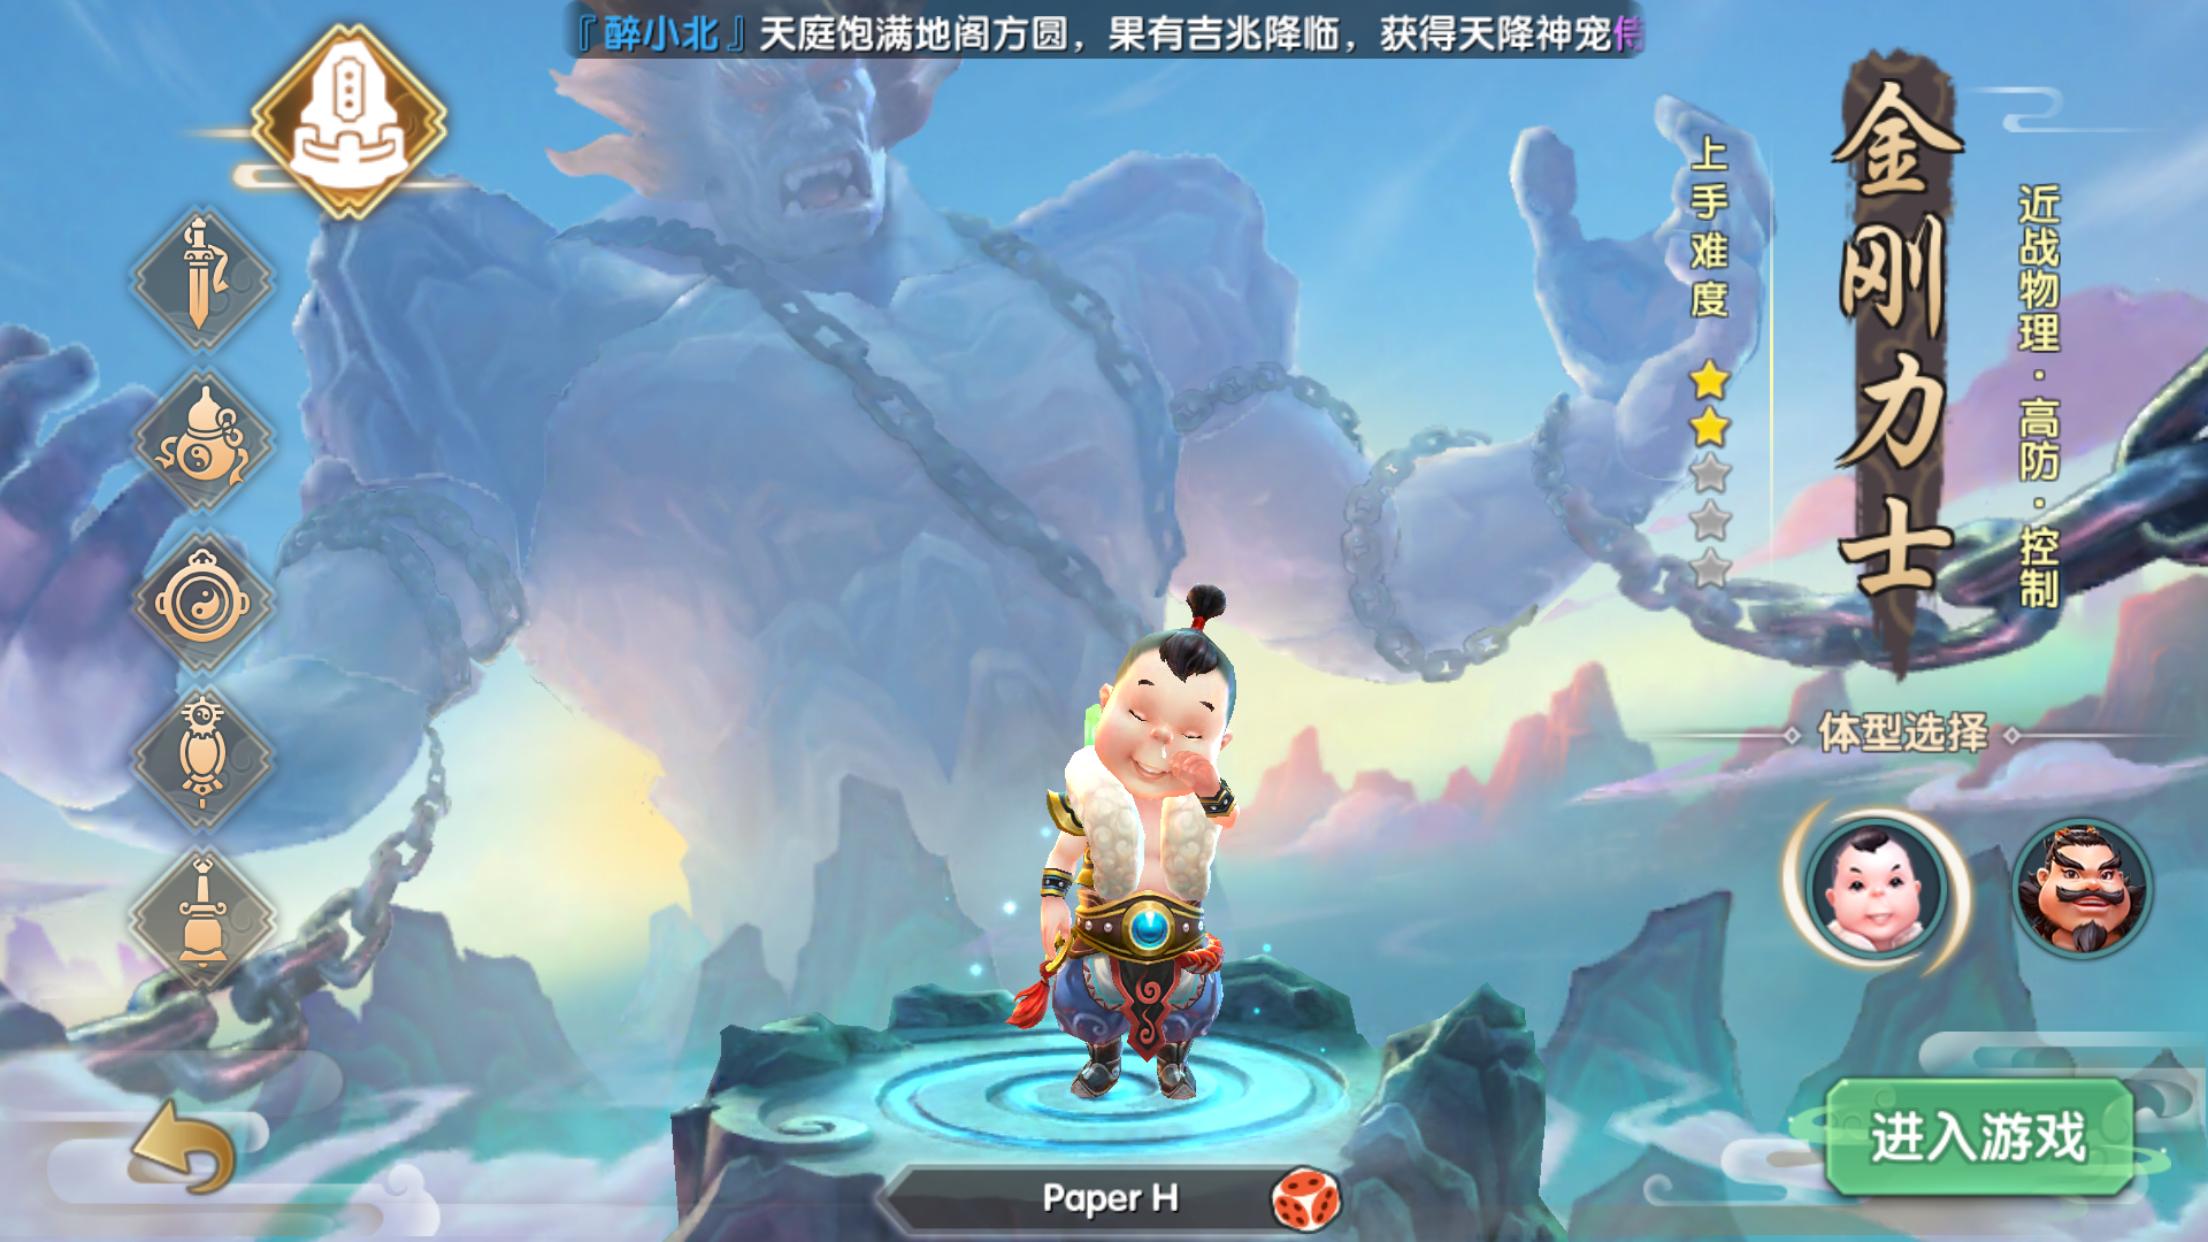 《寻仙》腾讯首款神话飞仙手游51